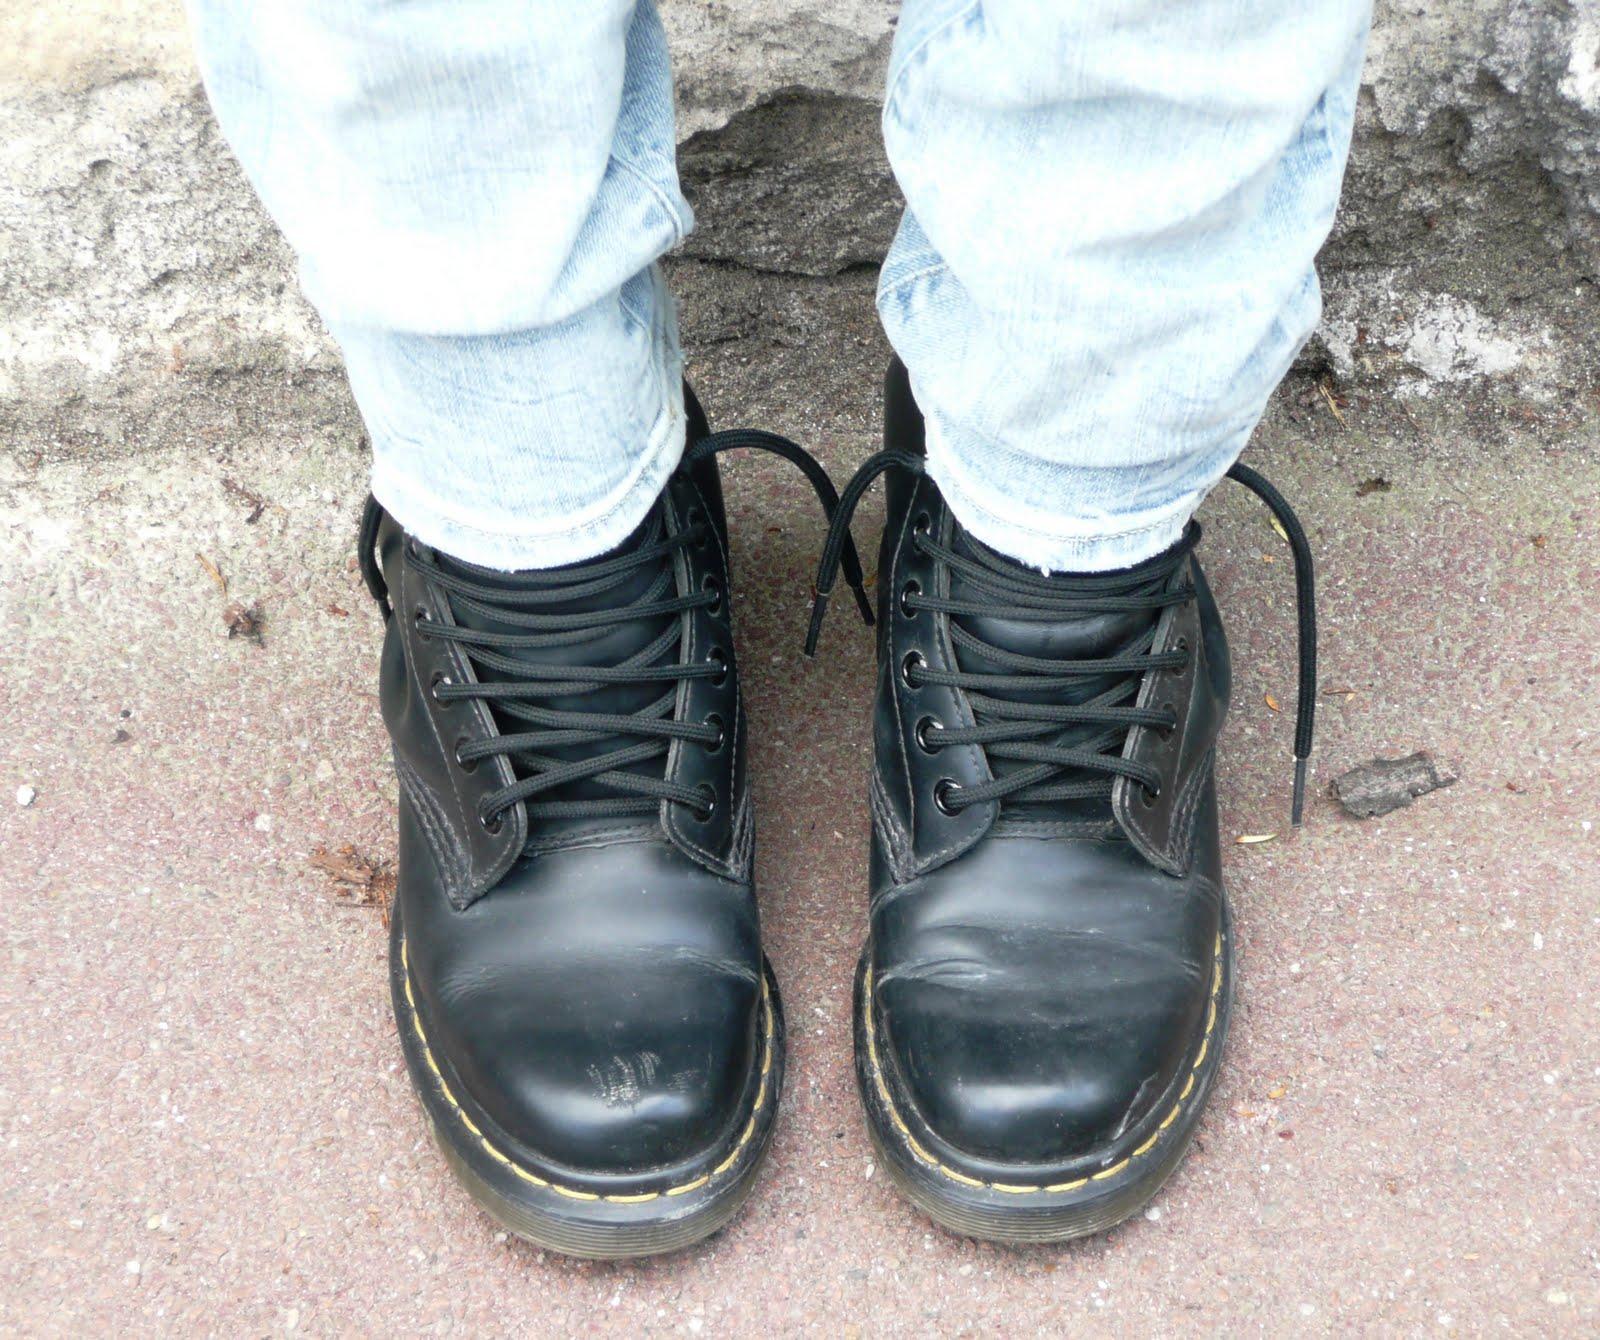 Doc martens soldes j 39 aime ses chaussures par dessus tout - Comment porter des doc martens femme ...